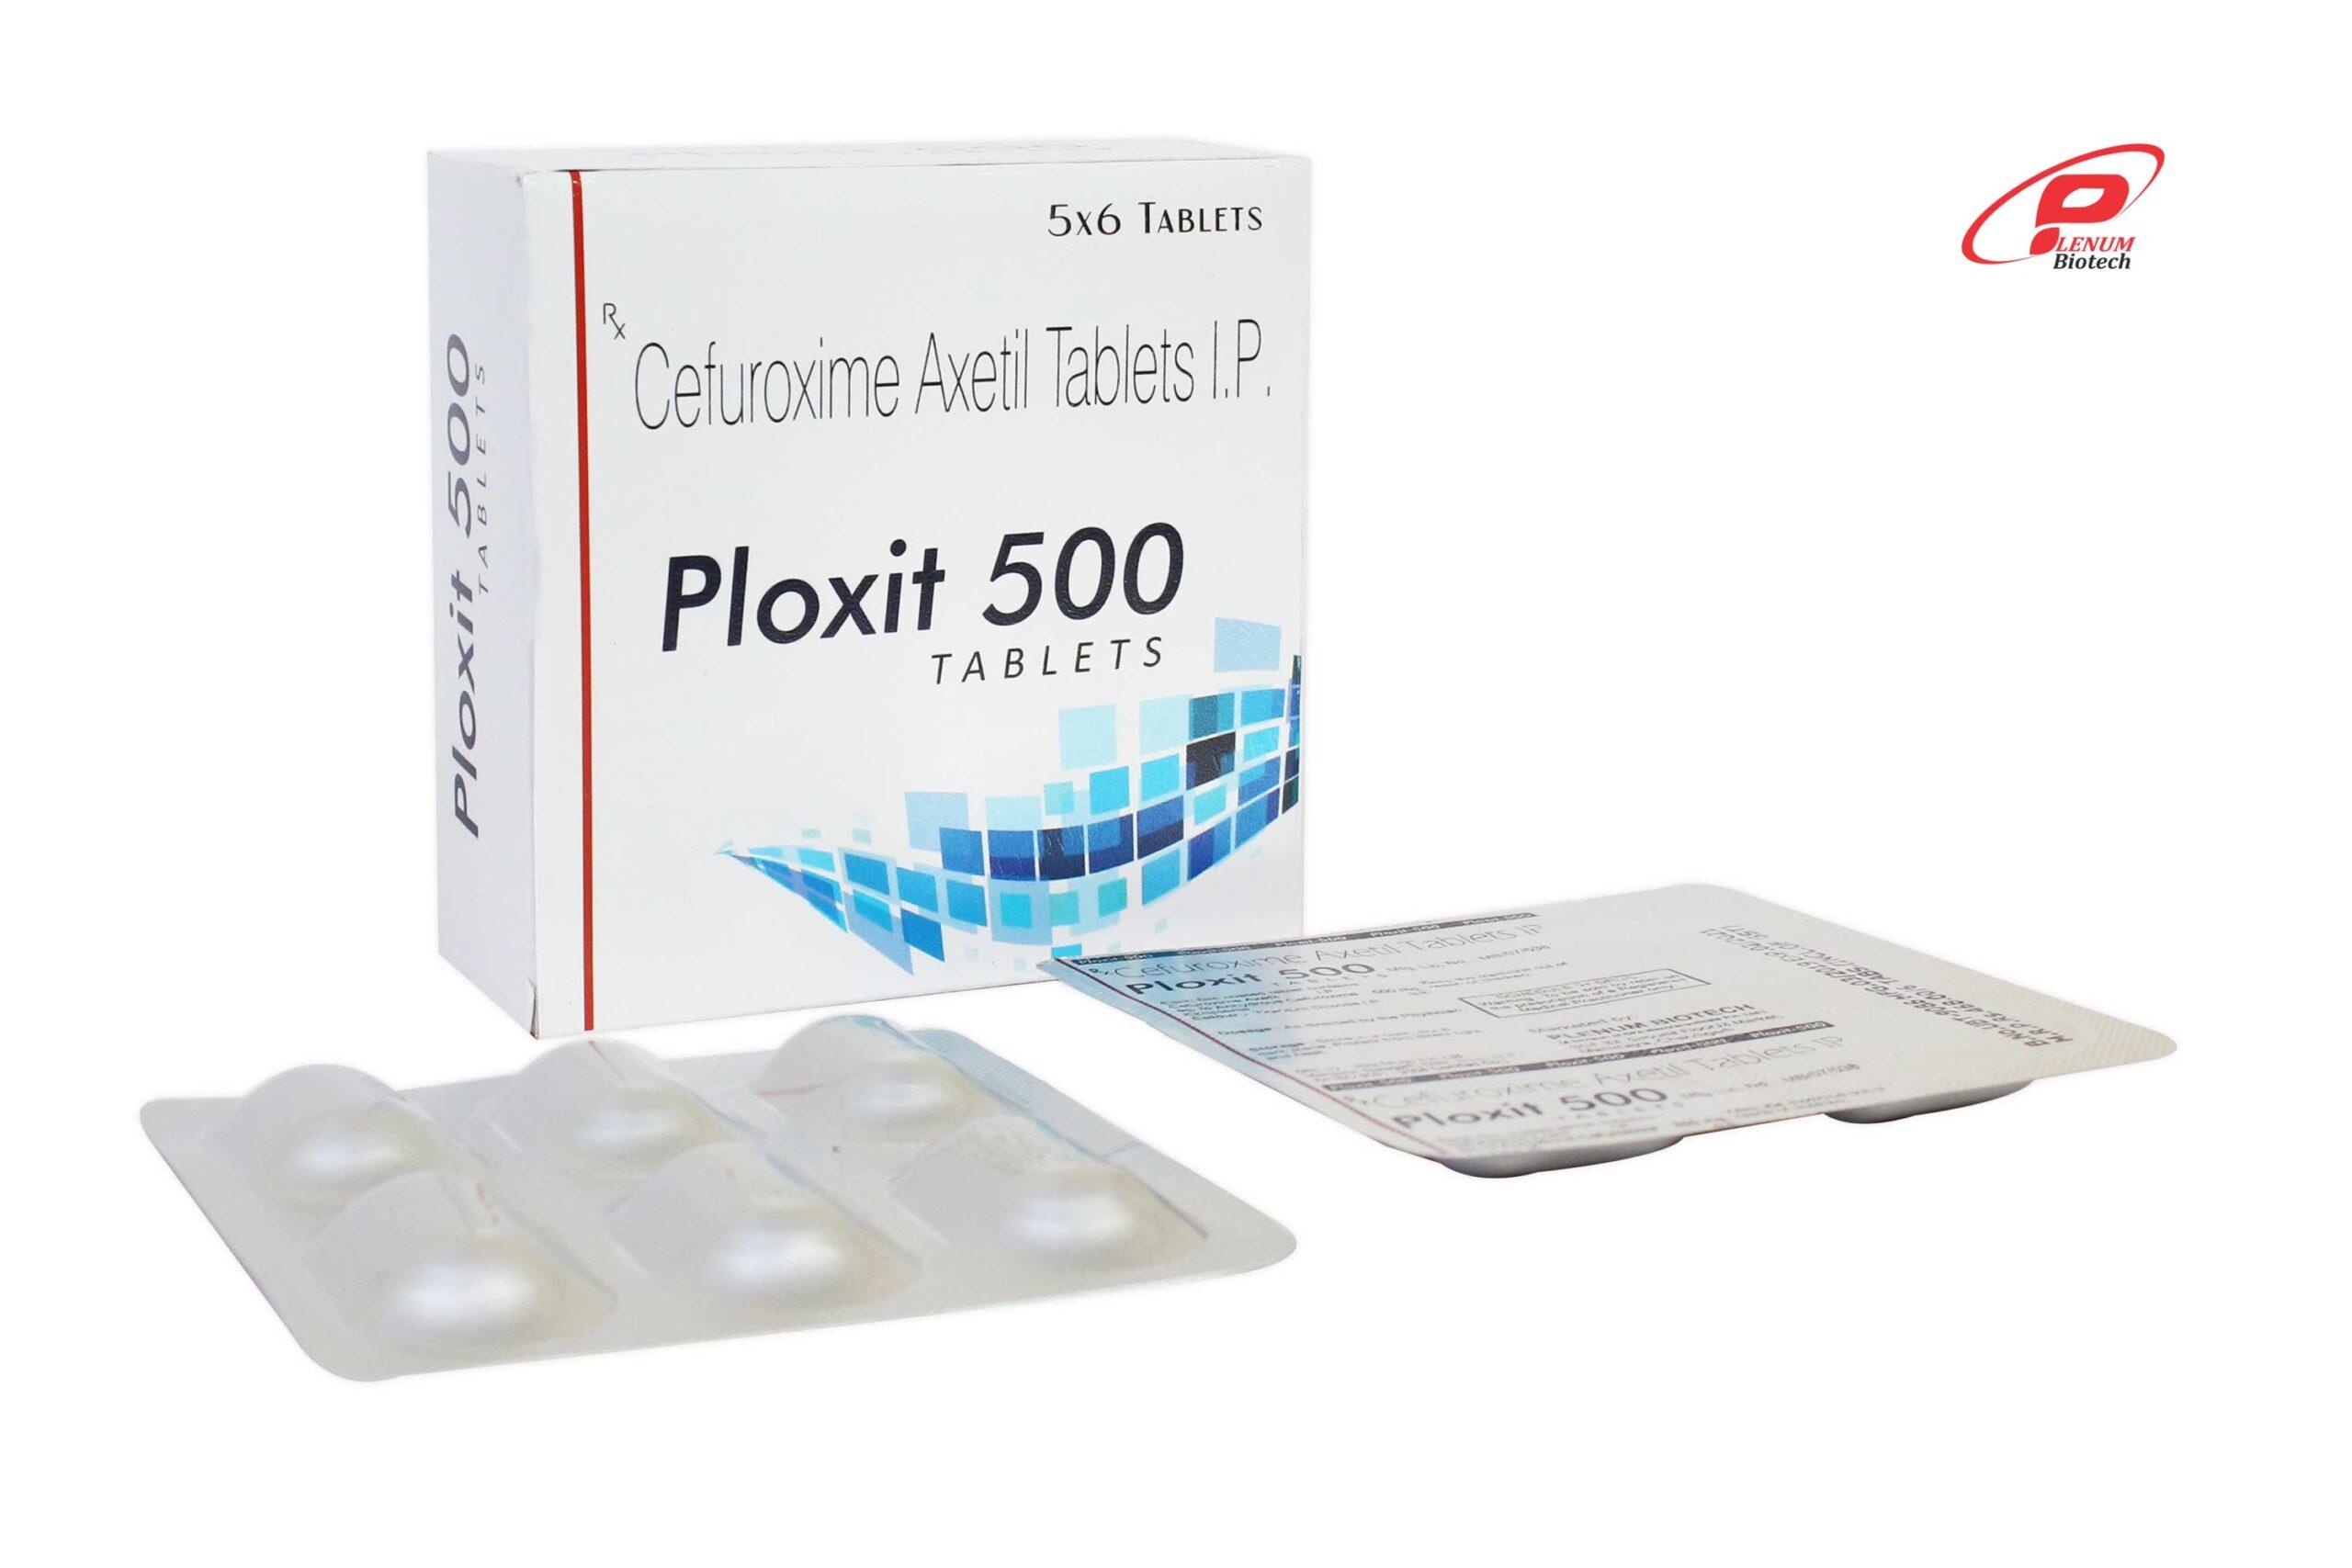 Ploxit-500